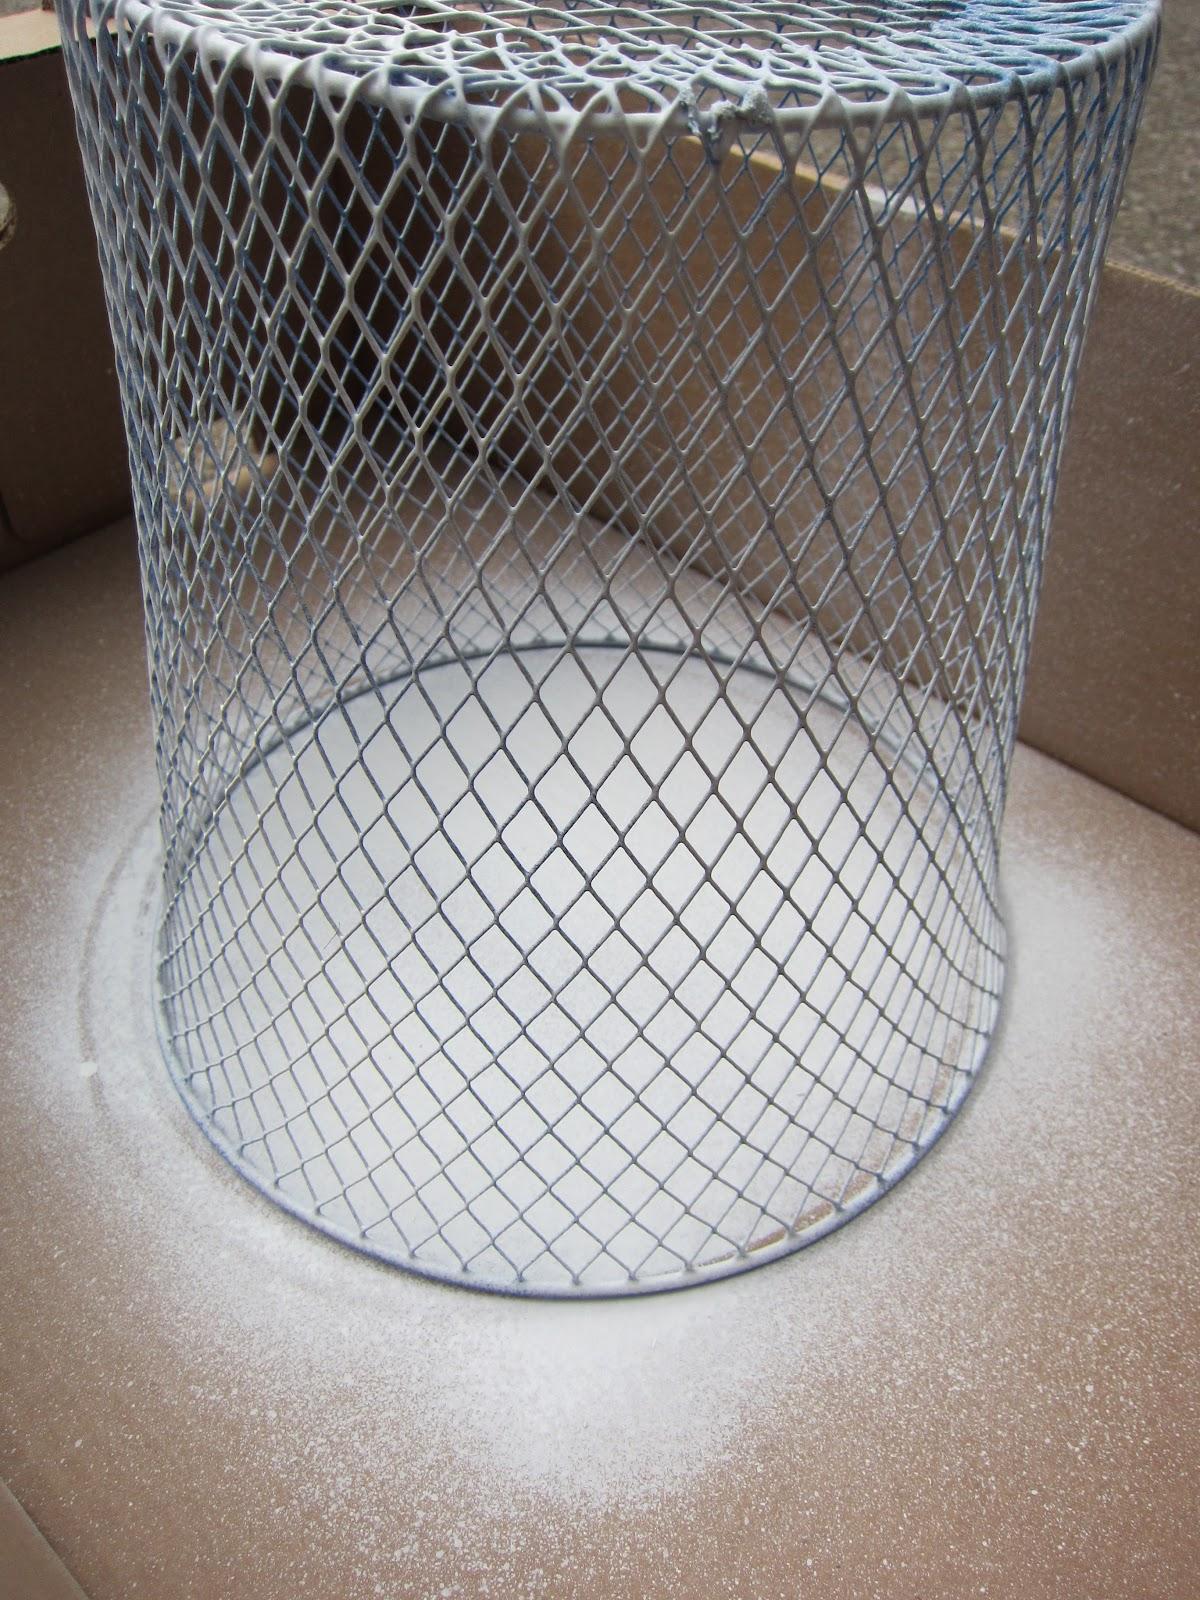 Wire Waste Basket frugal ain't cheap: wire waste basket